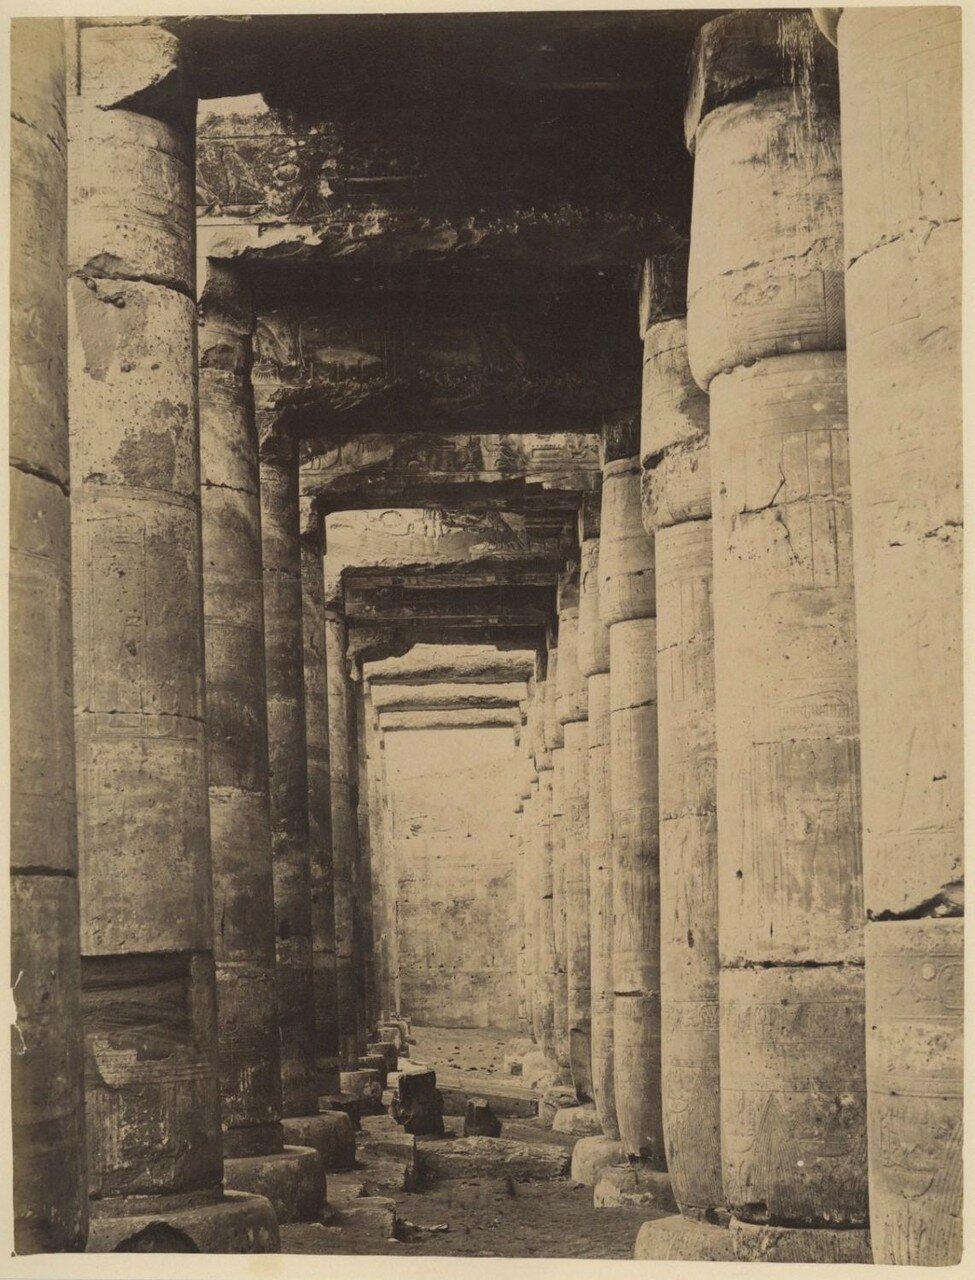 Абидос. Храм Сети I, колонны